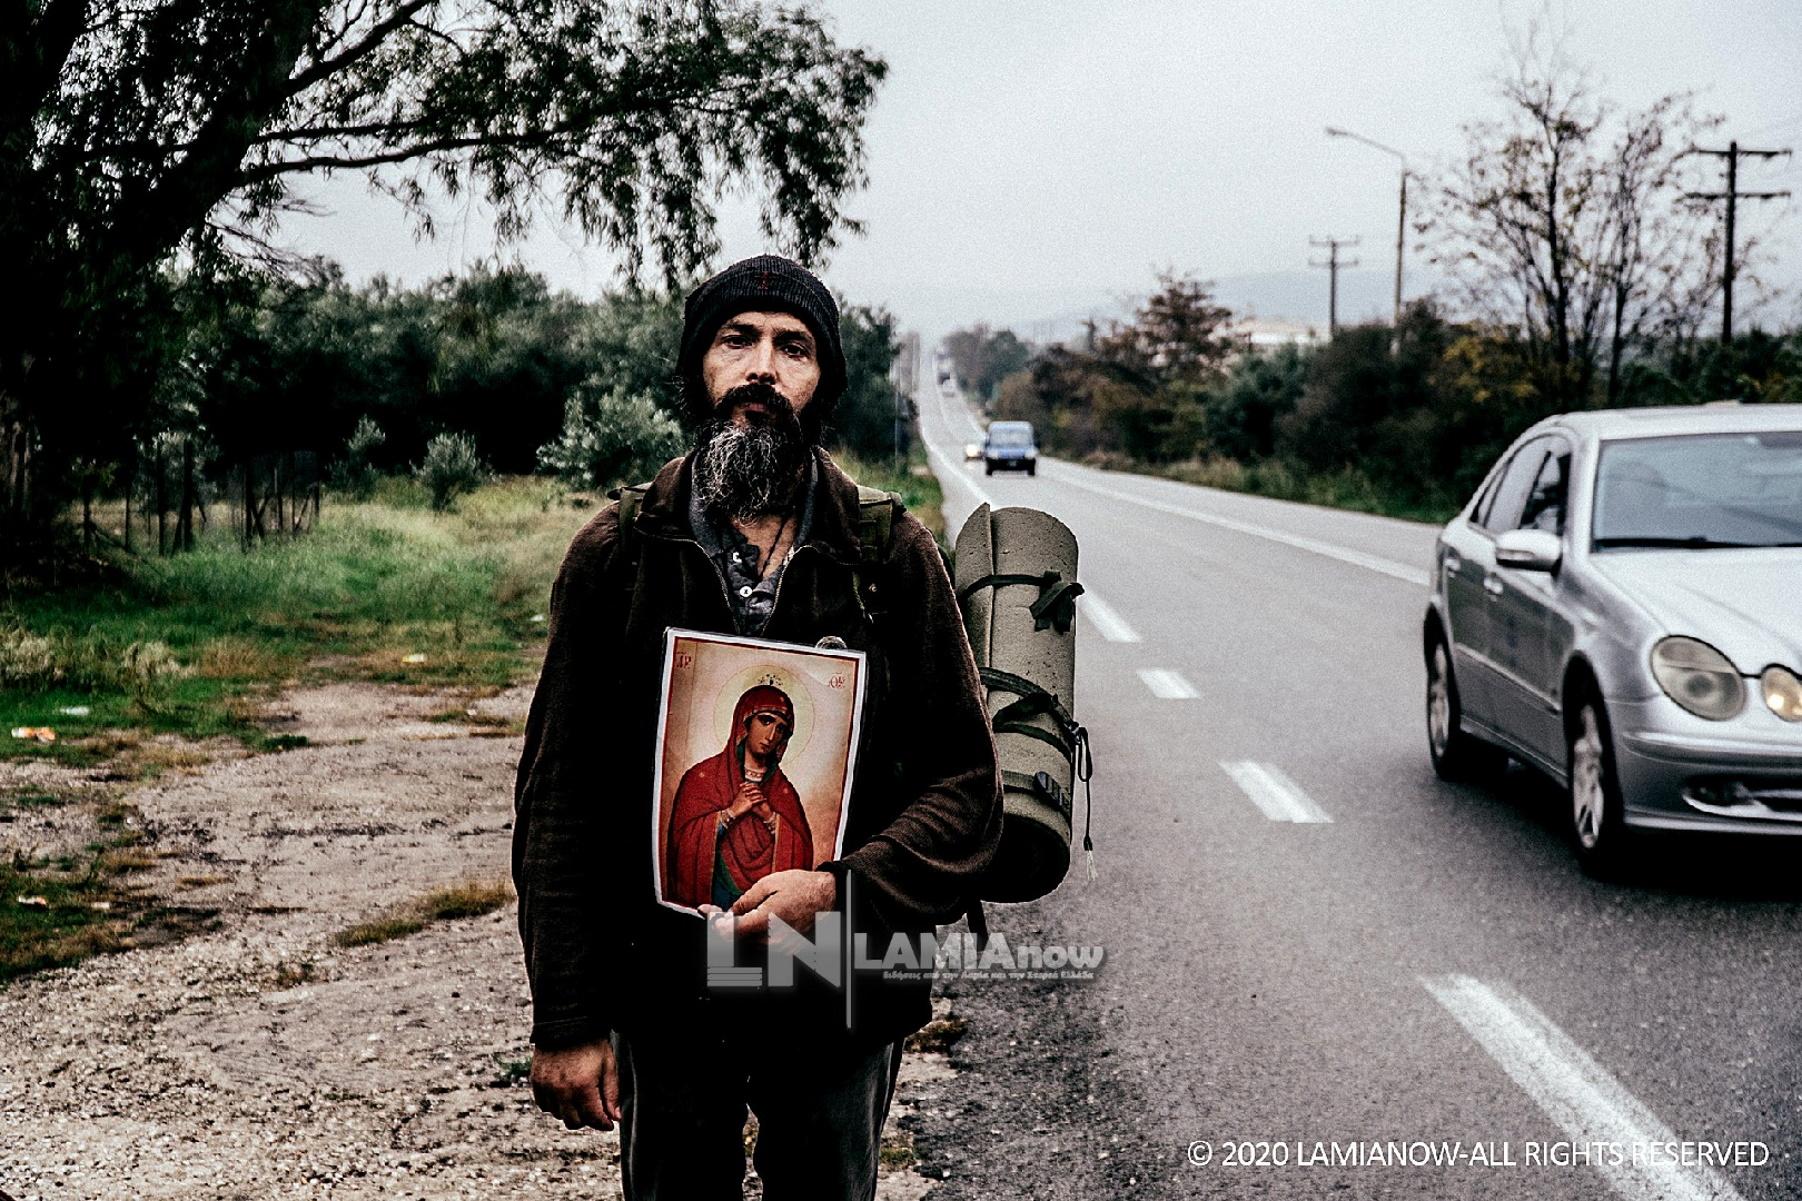 Το «βατράχι» των ΟΥΚ που πάει με τα πόδια στο Άγιο Όρος κρατώντας εικόνα της Παναγίας (pics)